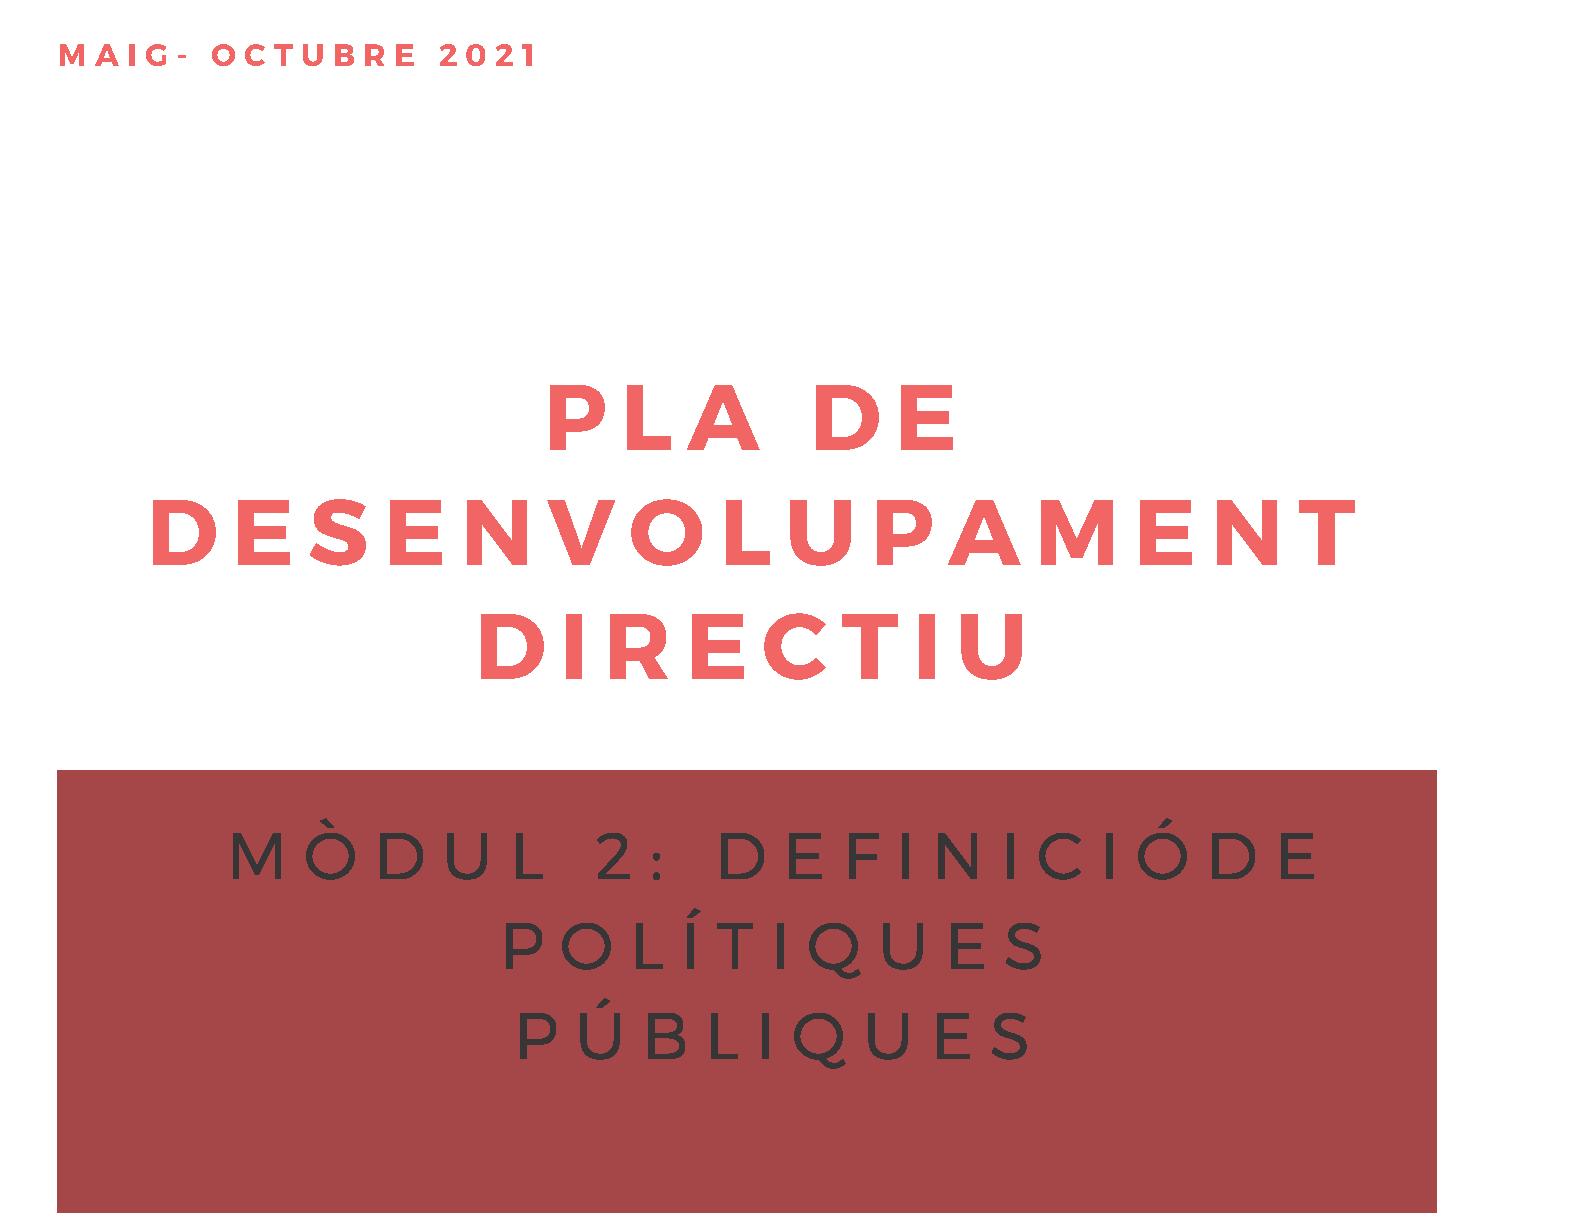 Pla de desenvolupament directiu. Definició de polítiques públiques, 2a edició